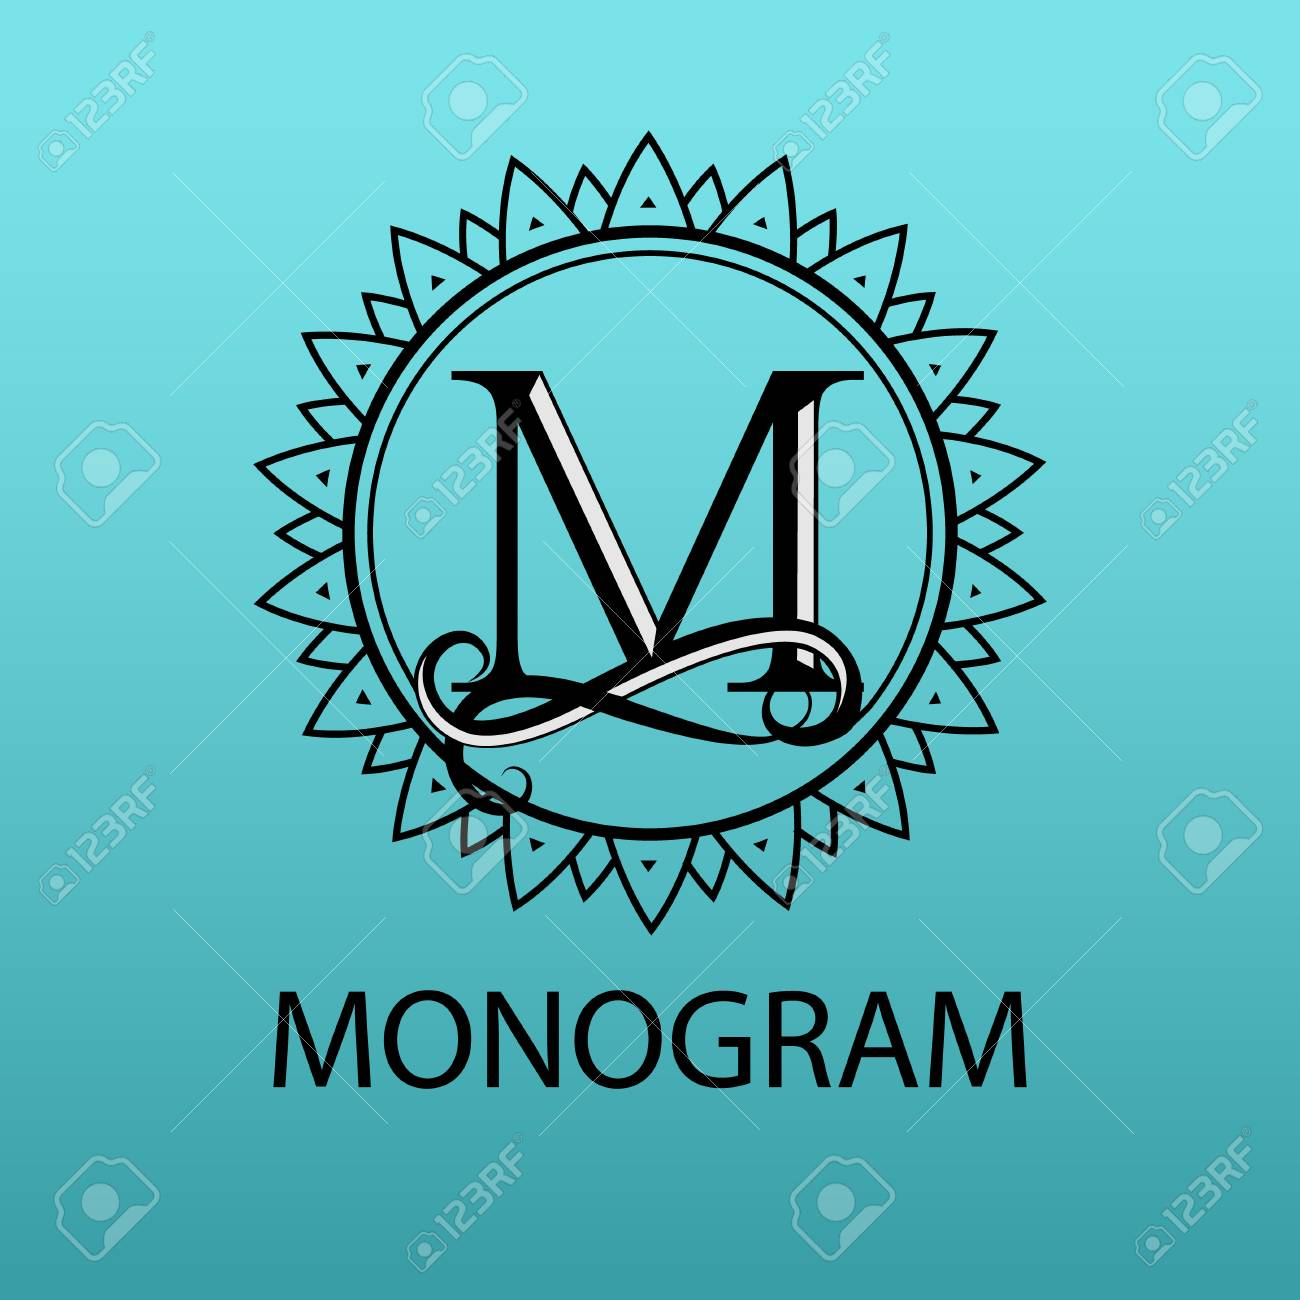 Design Modern Logotype For Business Vector Logo Letter M Monogram